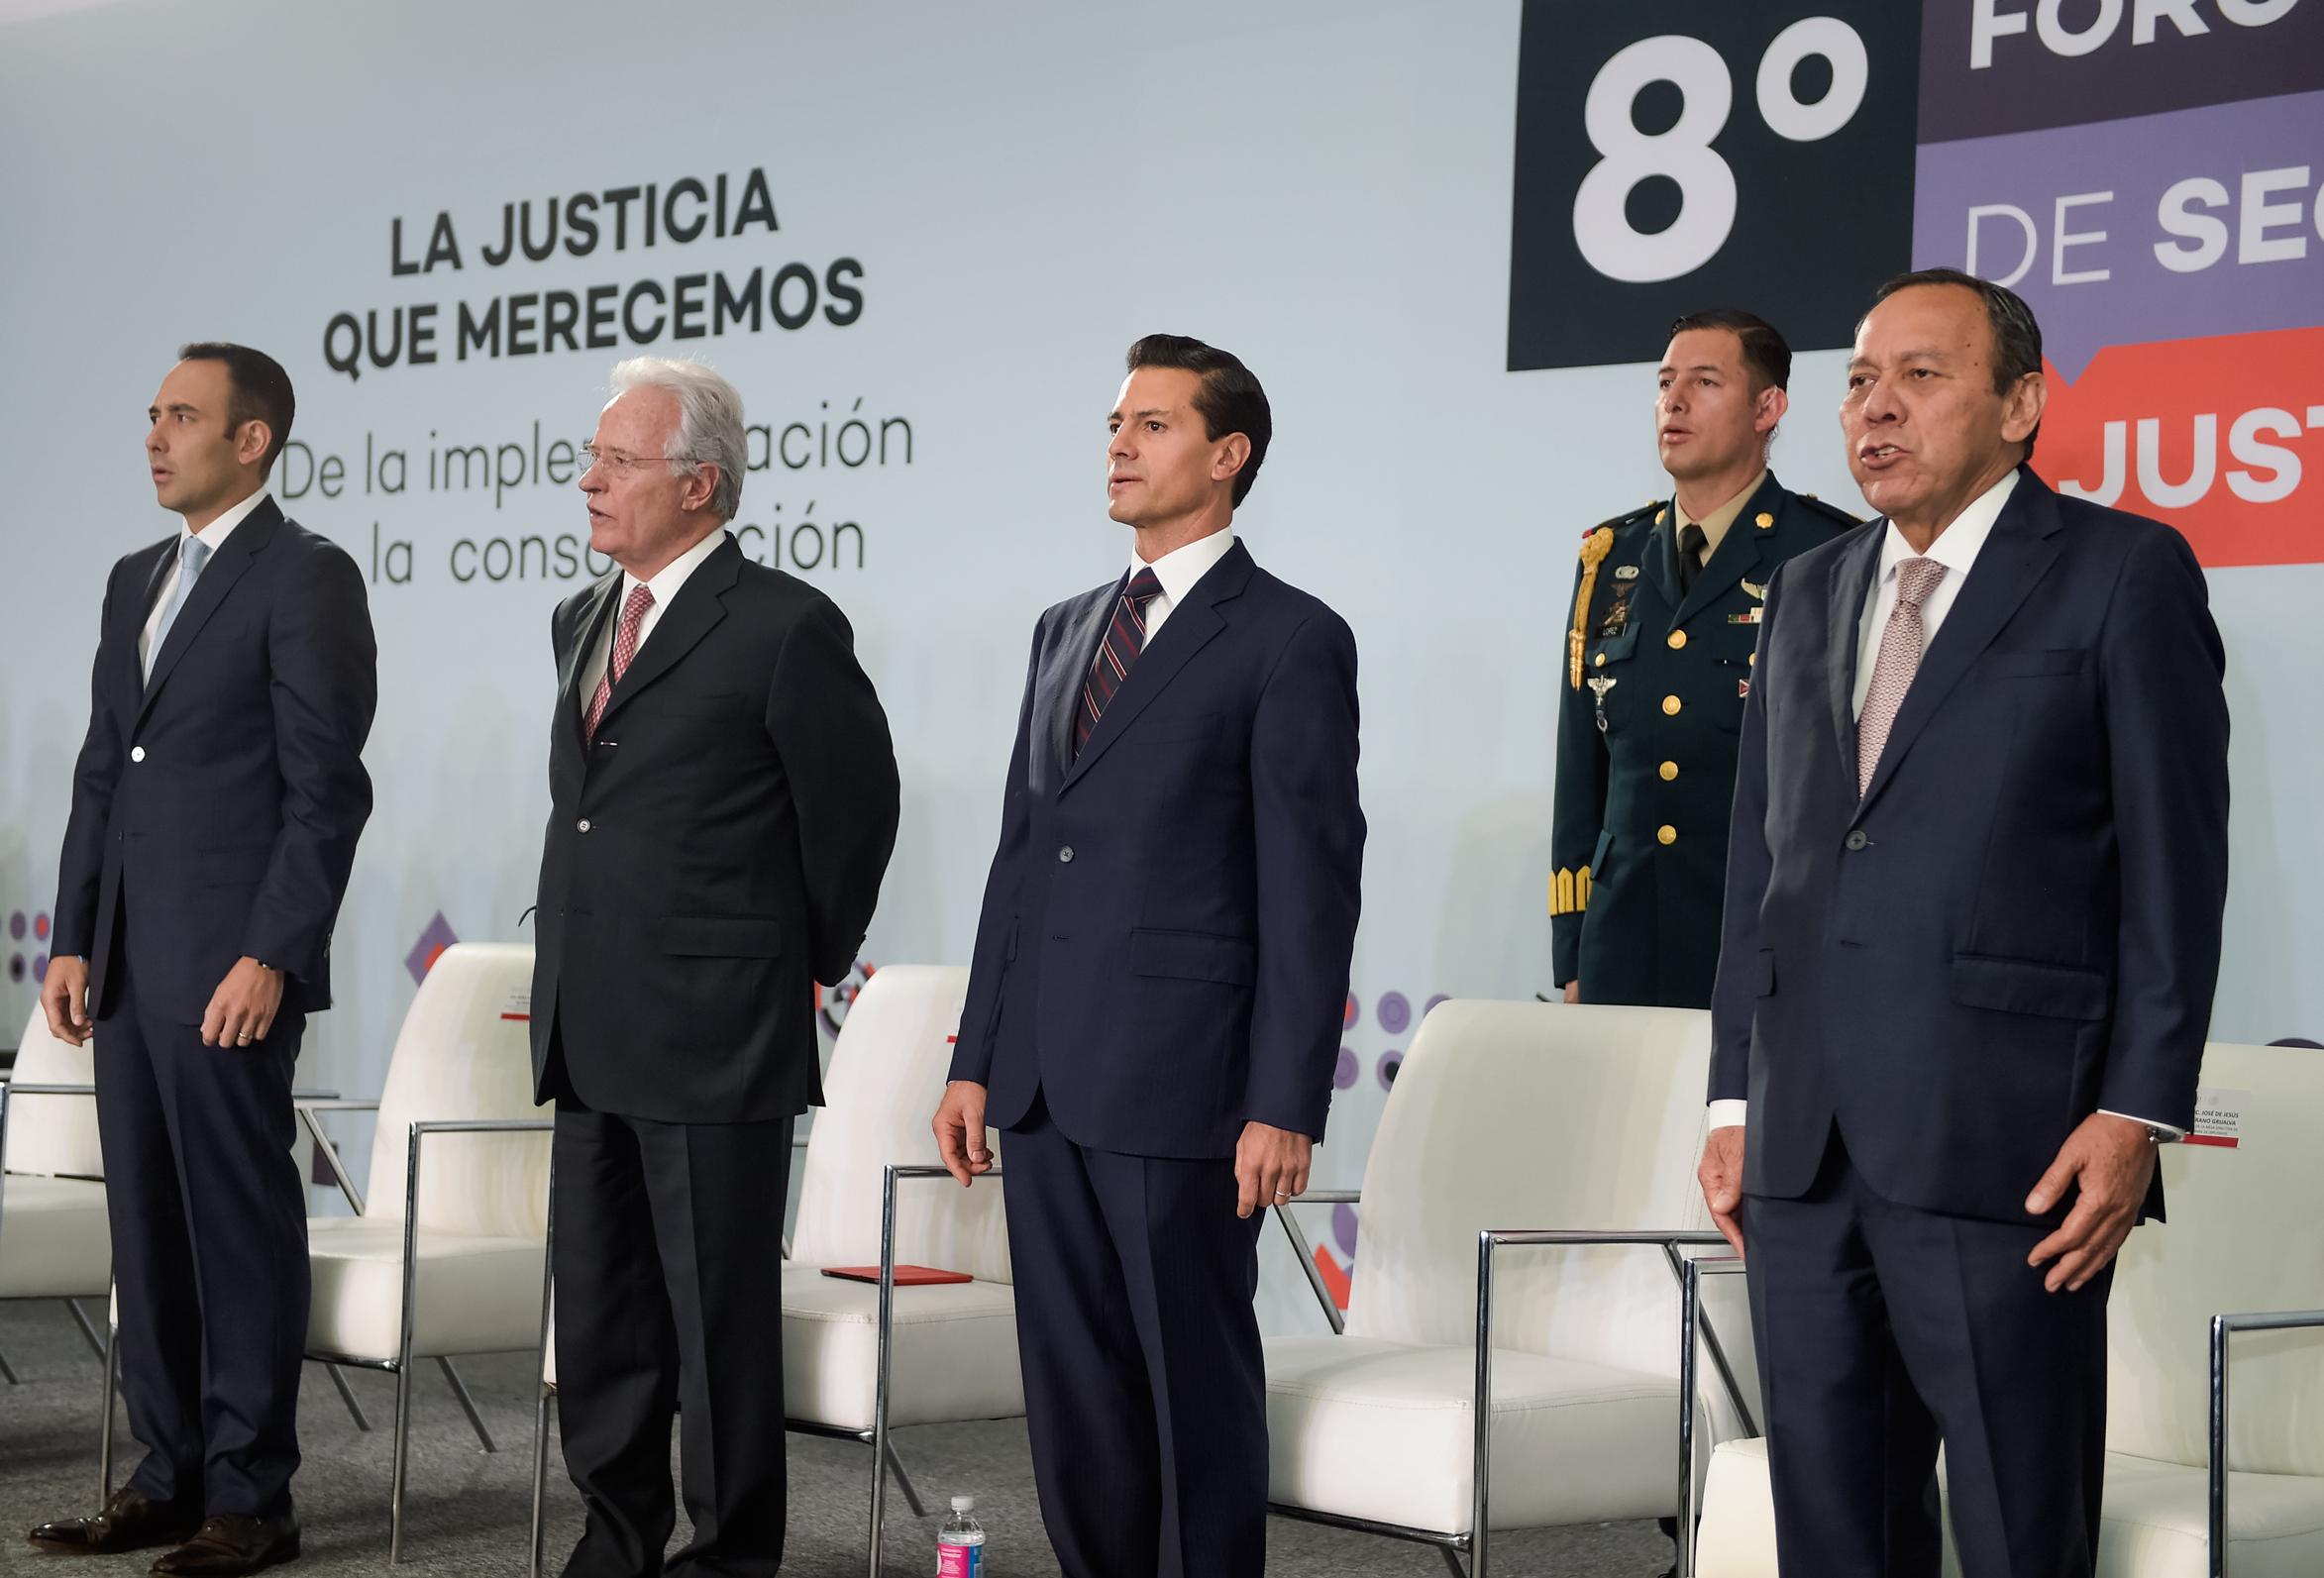 El Primer Mandatario entona, junto con los asistentes, el Himno Nacional en el Octavo Foro Nacional sobre Seguridad y Justicia.